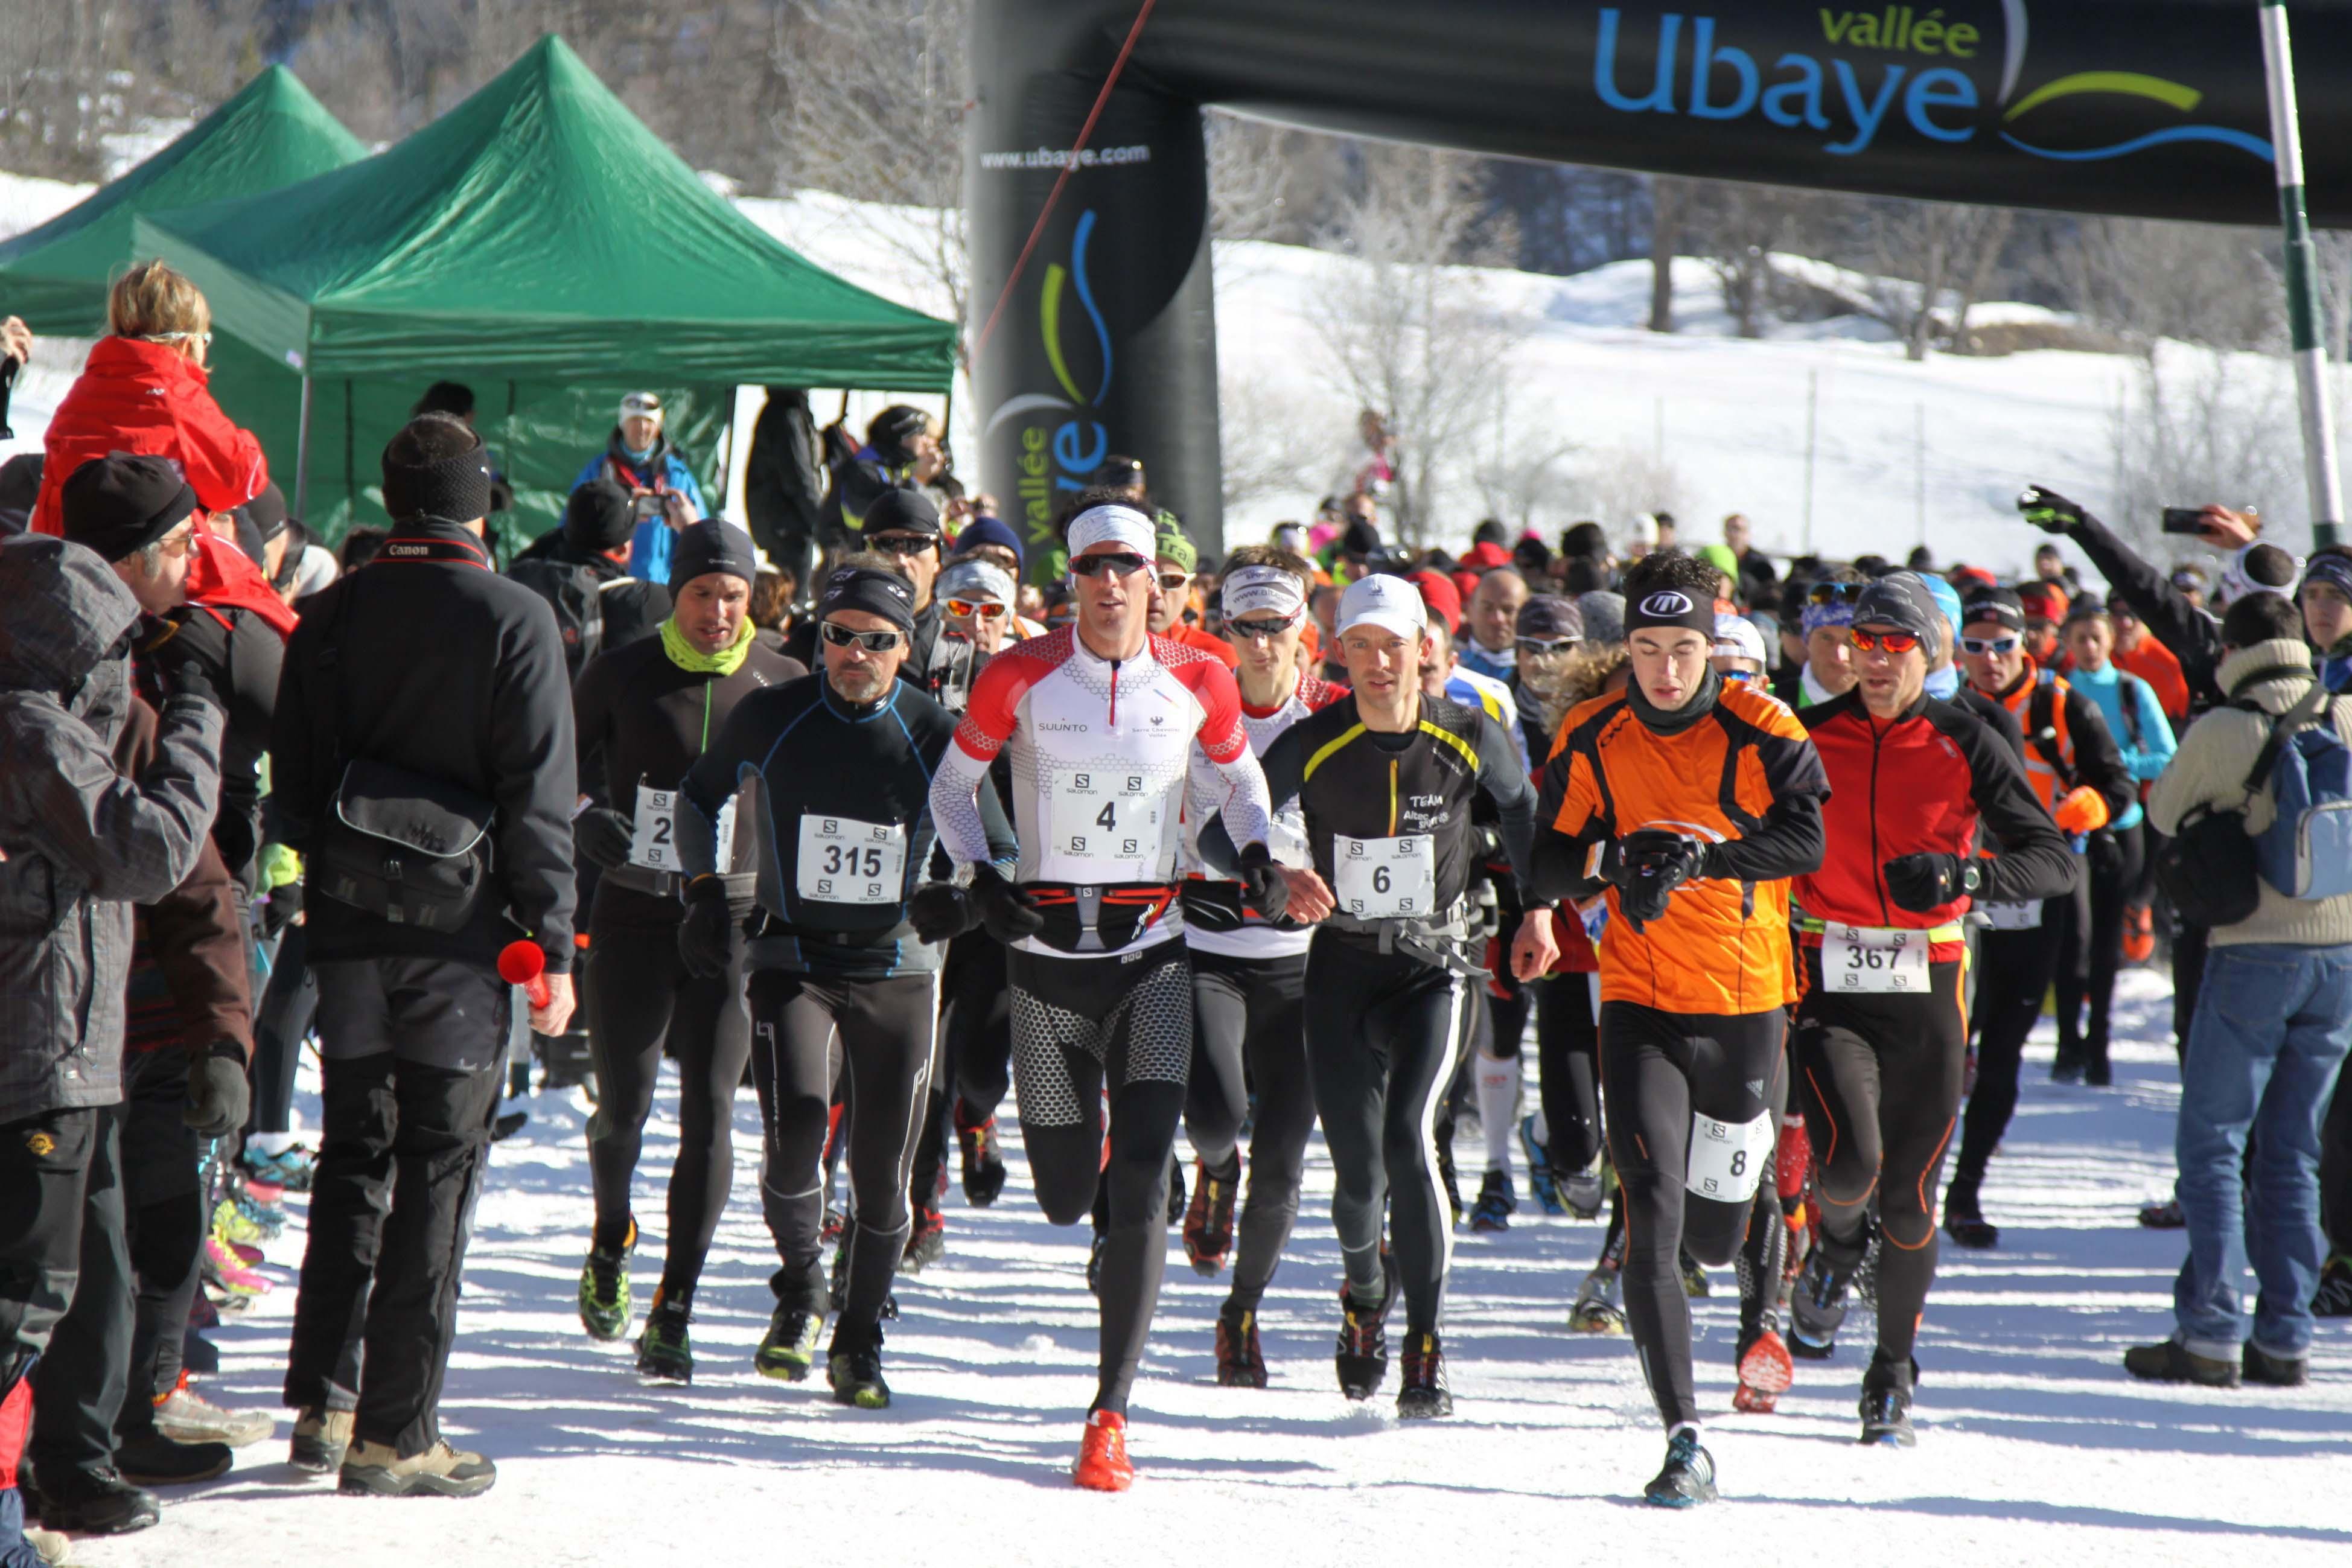 14 février : Ubaye Snow Trail Salomon classique du